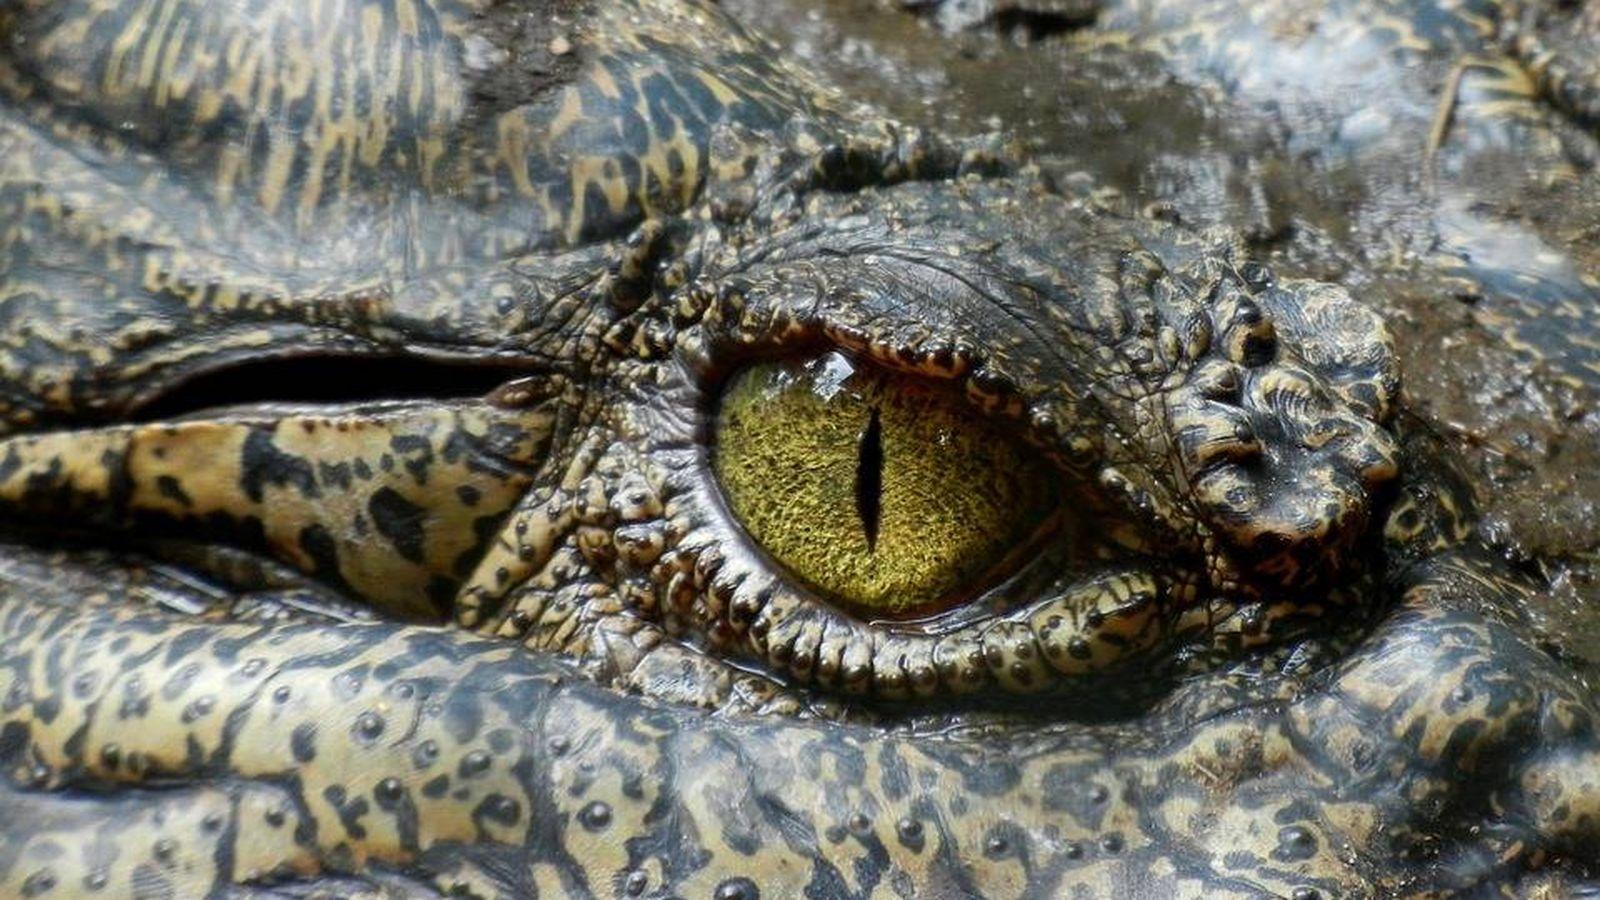 Las lágrimas de cocodrilo se parecen mucho a las humanas